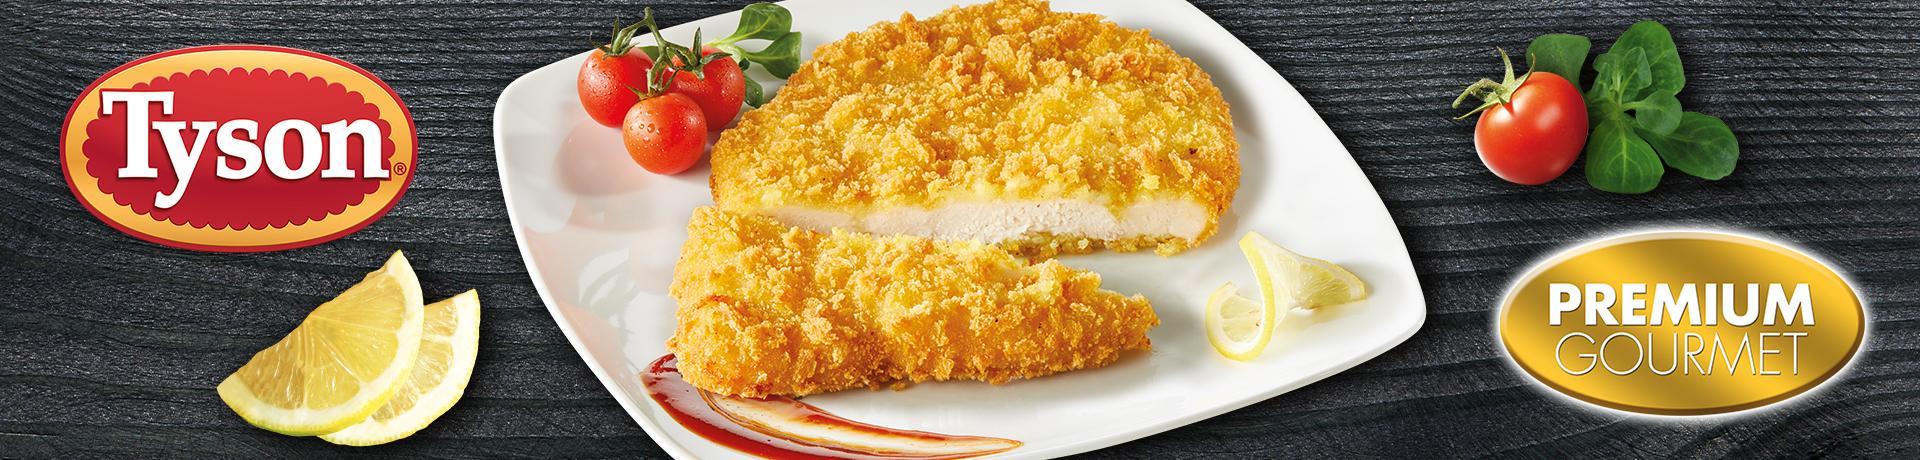 Linea Premium Gourmet